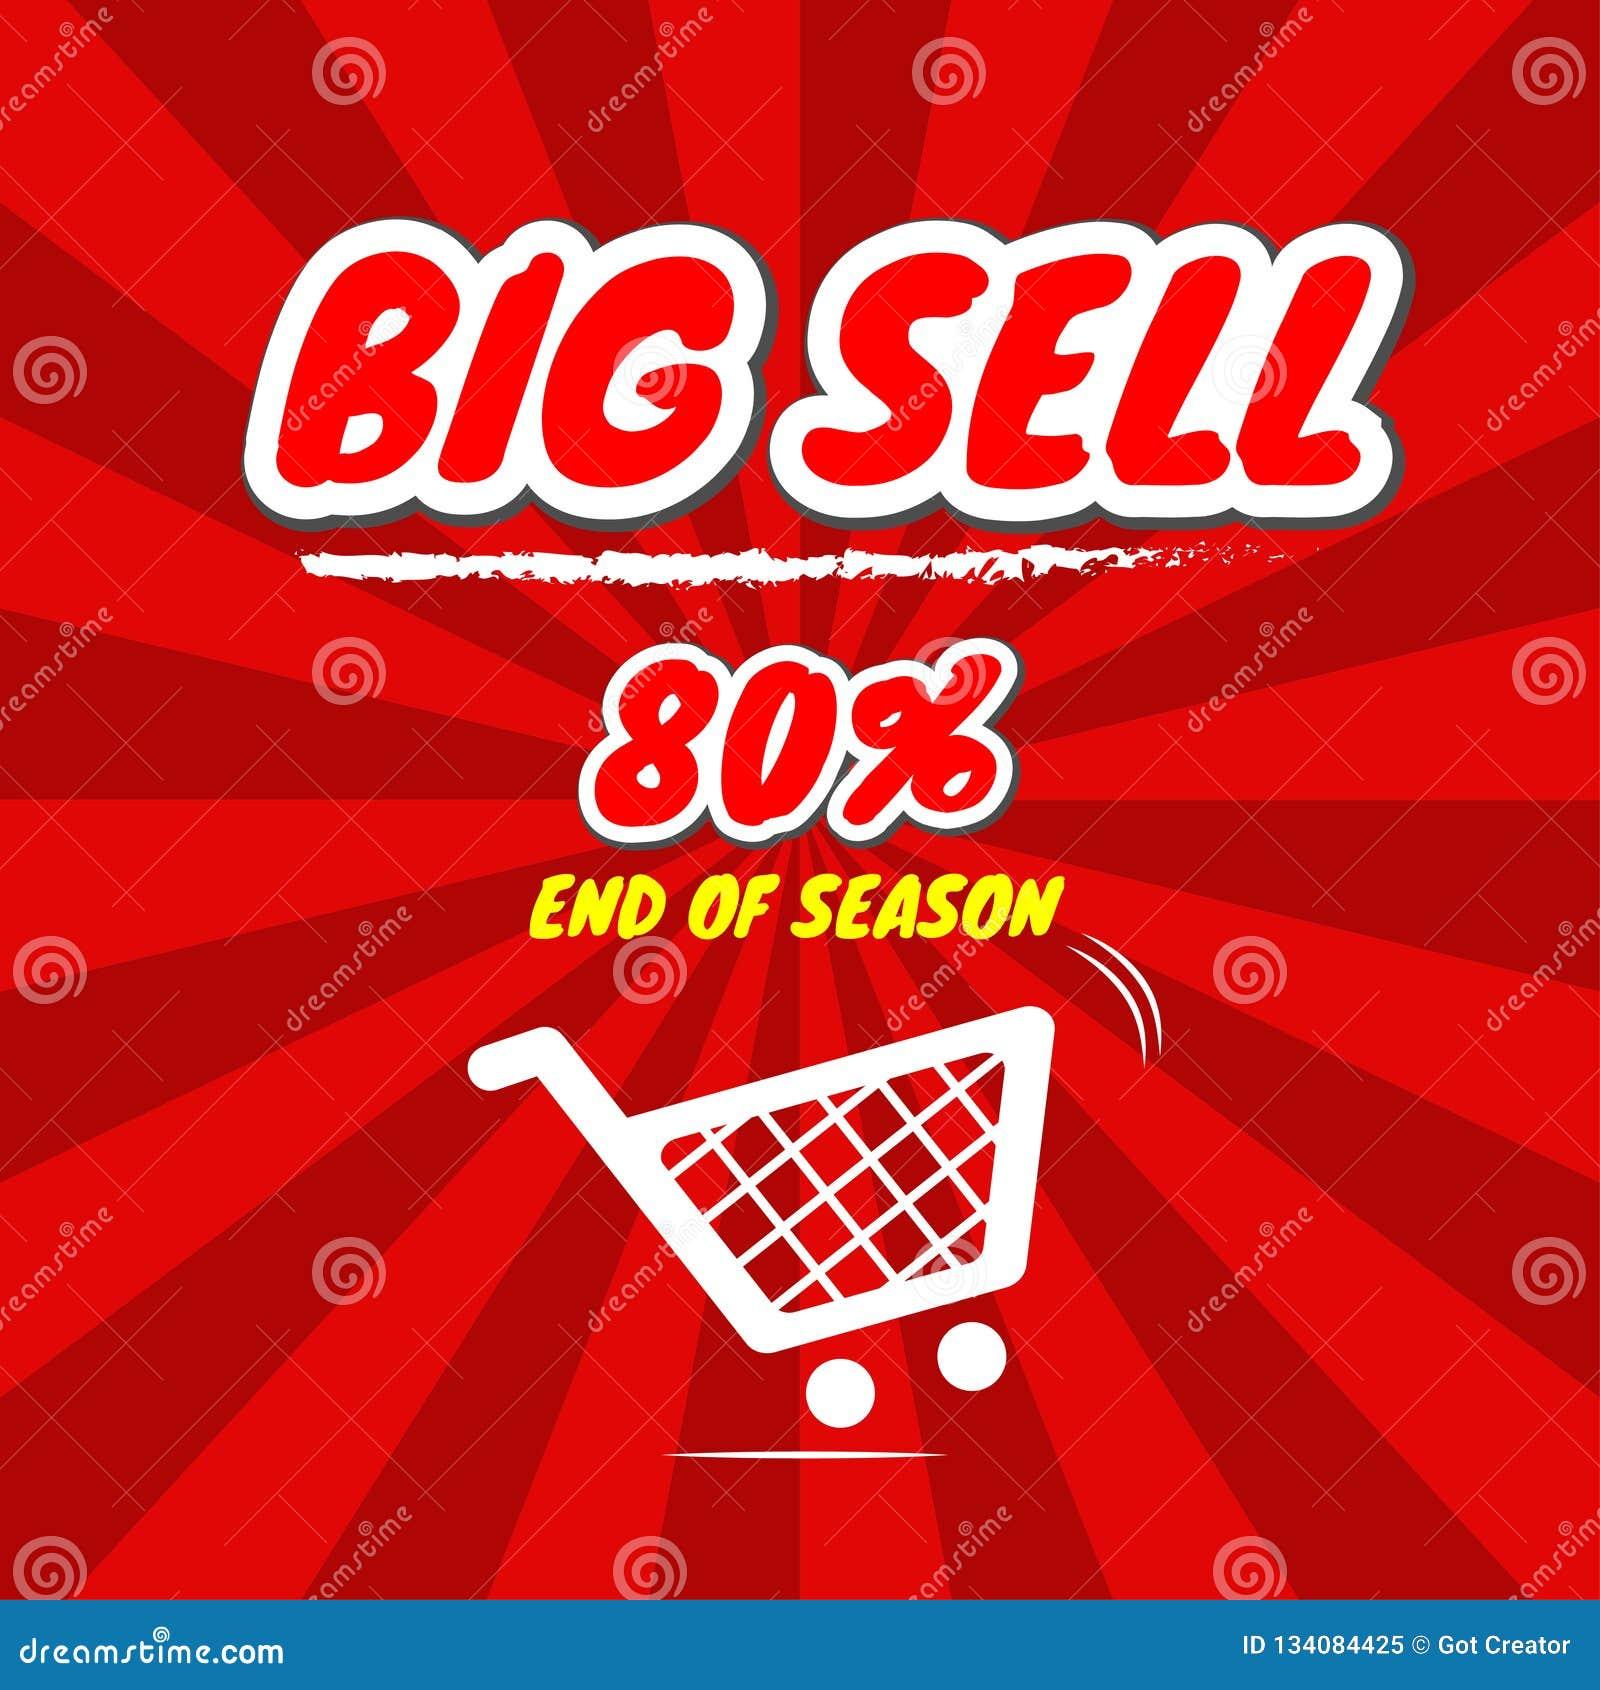 Groot verkoop bevordering met prijskaartje